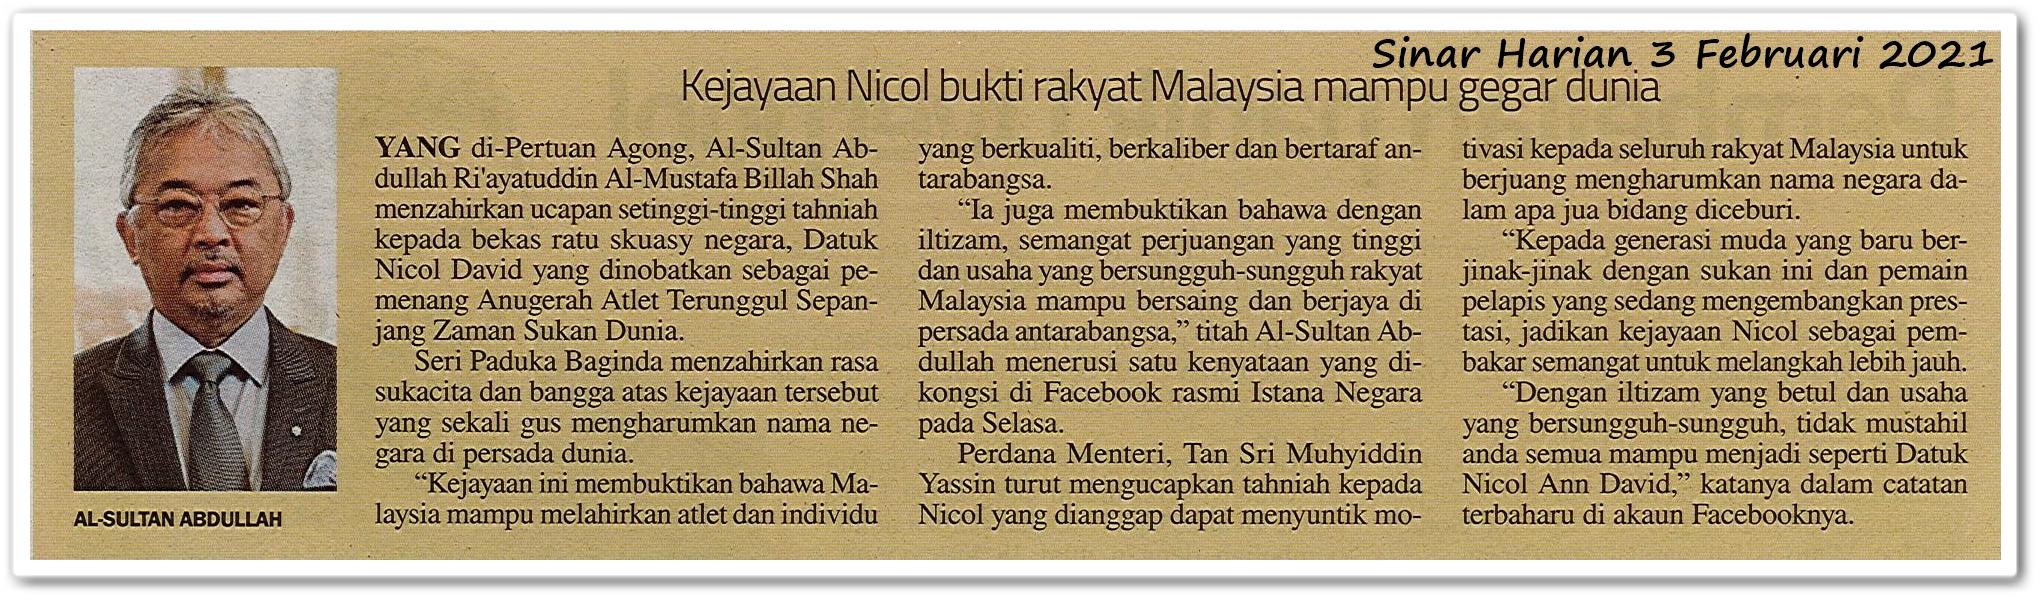 Kejayaan Nicol bukti rakyat Malaysia mampu gegar dunia - Keratan akhbar Sinar Harian 3 Februari 2021